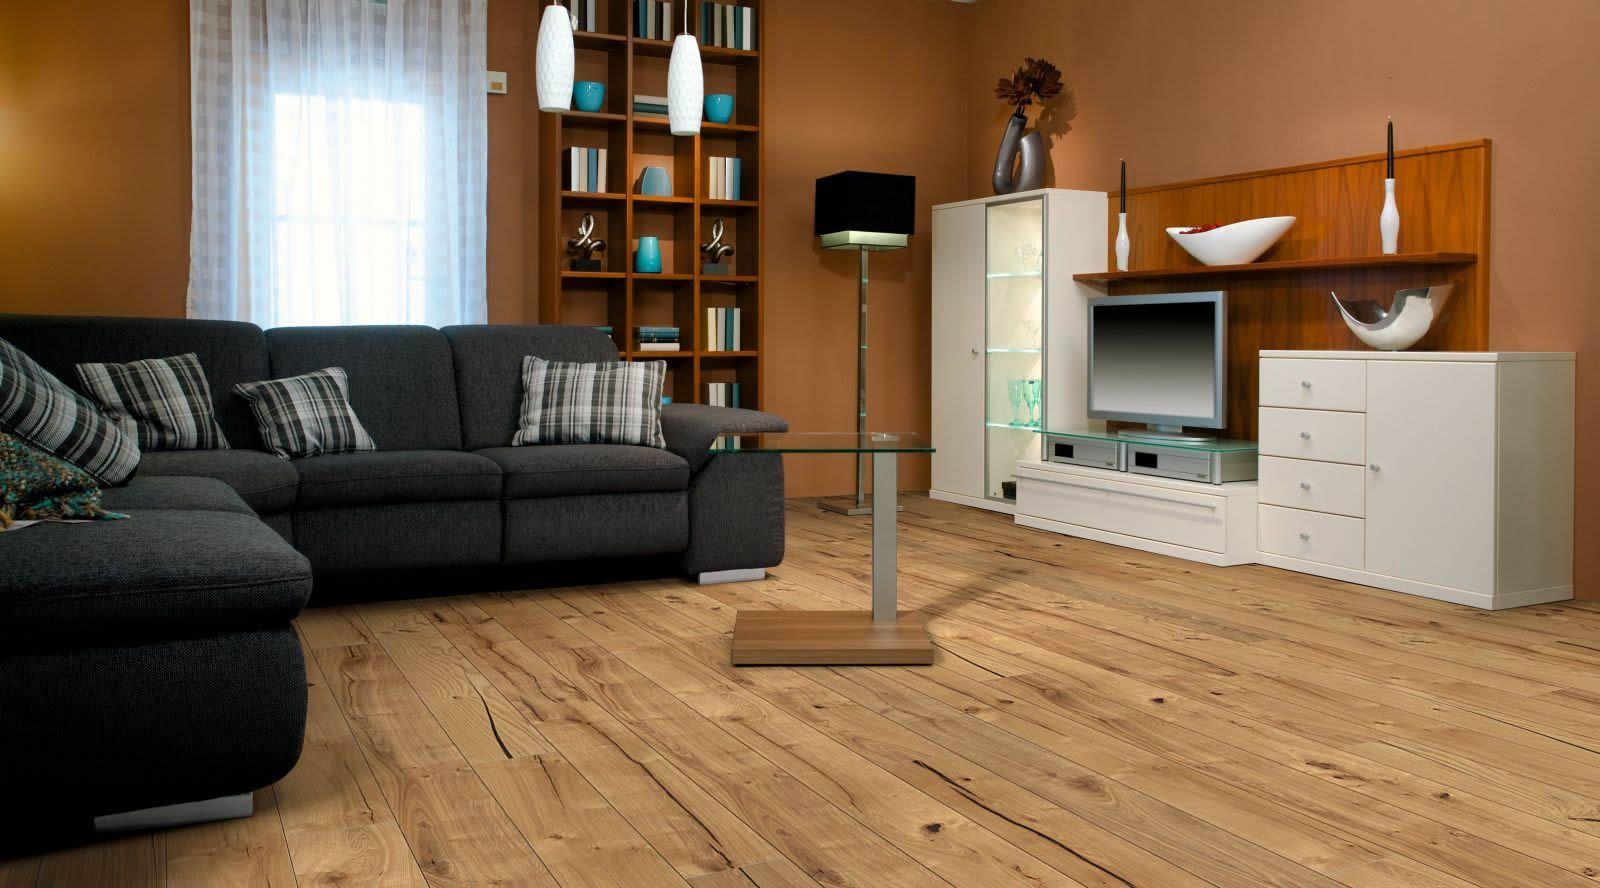 Wohnzimmer mit eichenboden badezimmer kreativ gestalten pinterest wohnzimmer eiche und boden - Boden wohnzimmer ...